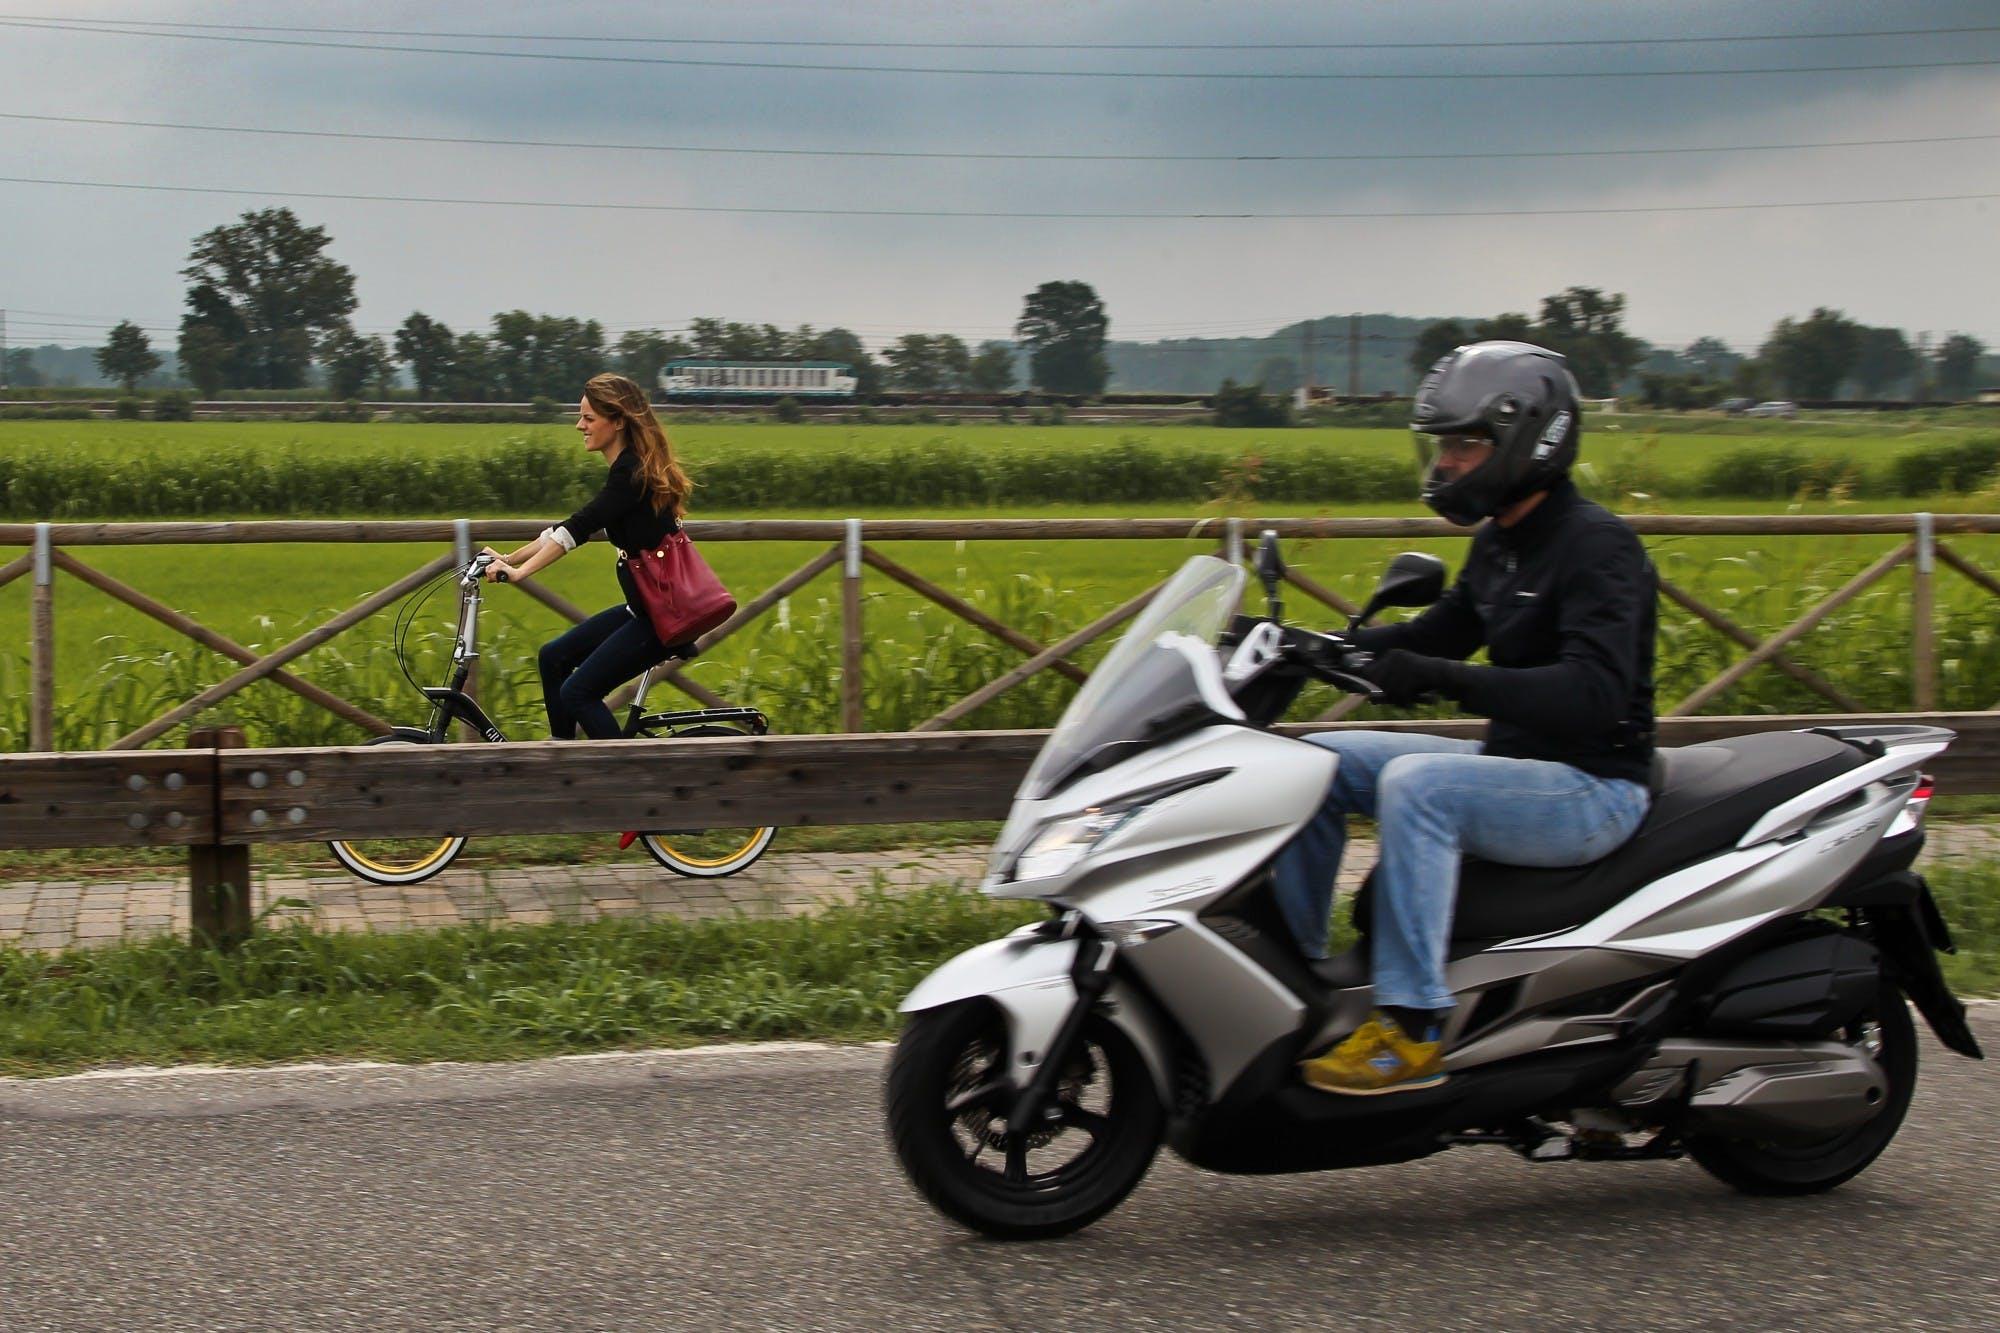 Lo scooter e' certamente il mezzo che ci fa risparmiare piu' tempo, ma una pedalata mattutina potrebbe essere un bel modo per impiegare il proprio tempo.